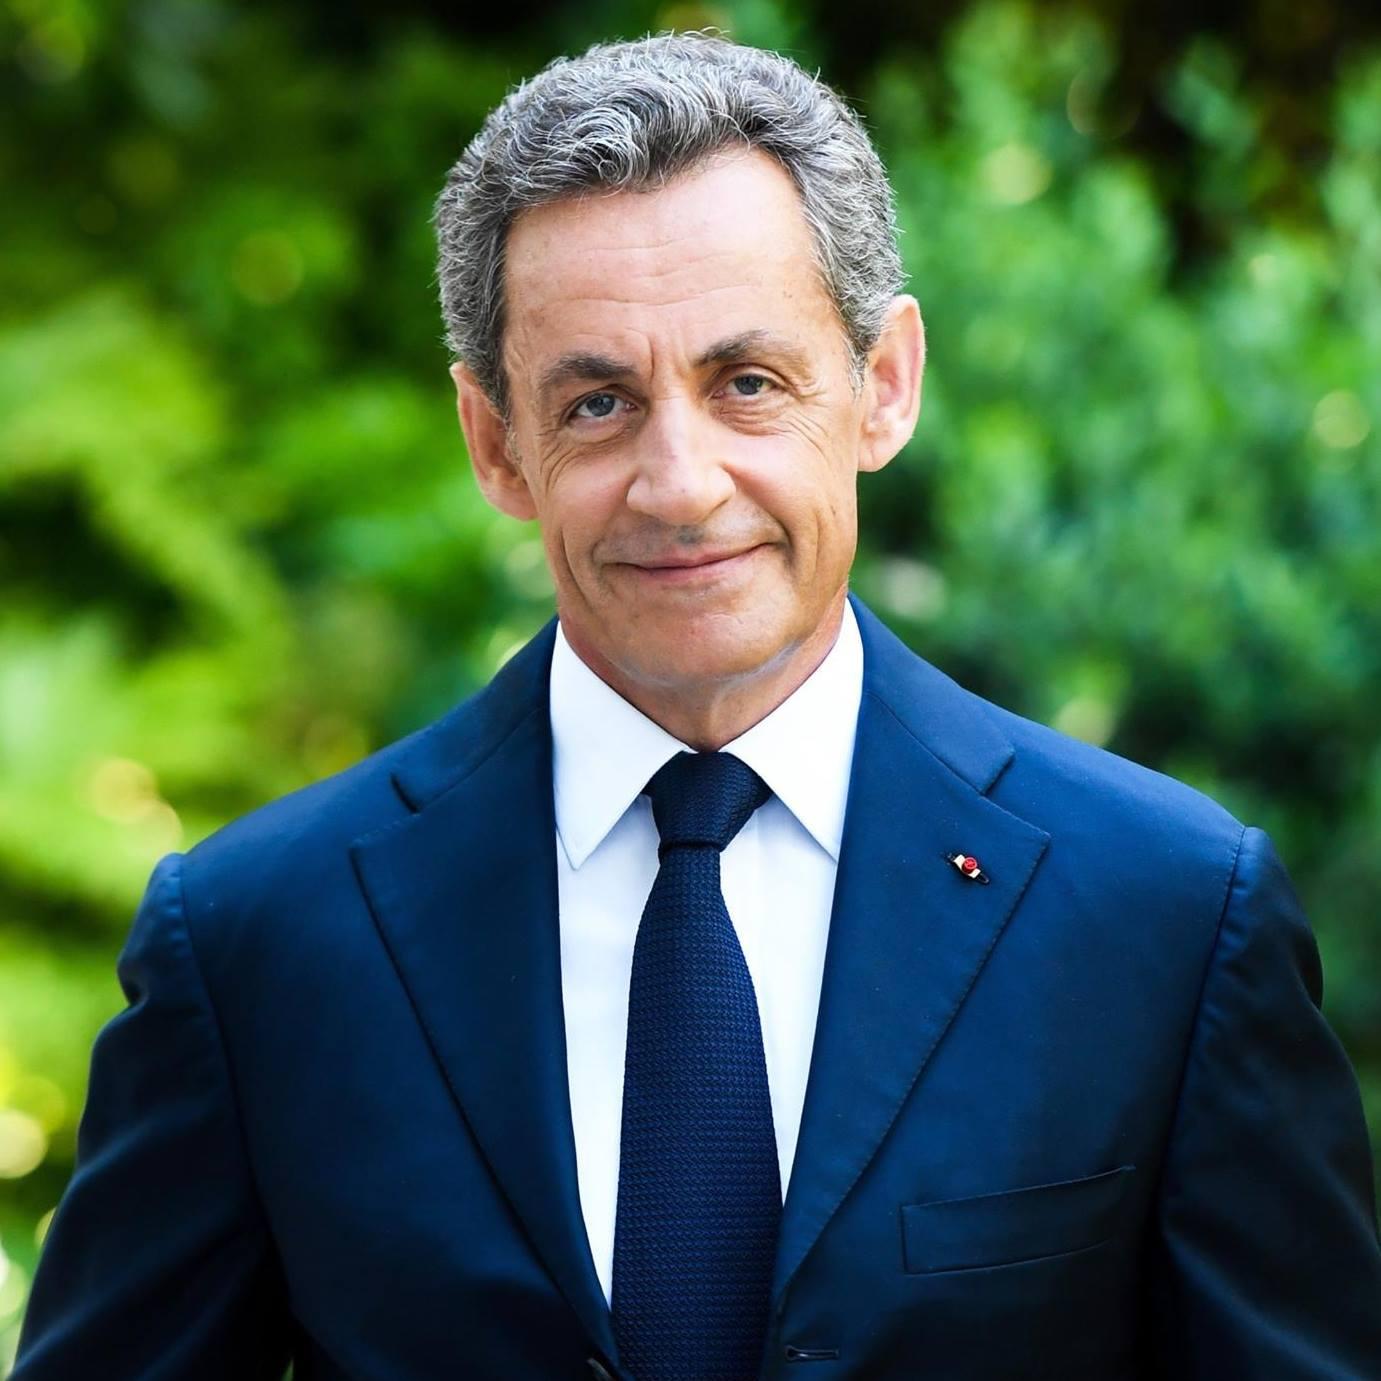 IMAGEM: Sarkozy é condenado por suborno, mas não deve ser preso